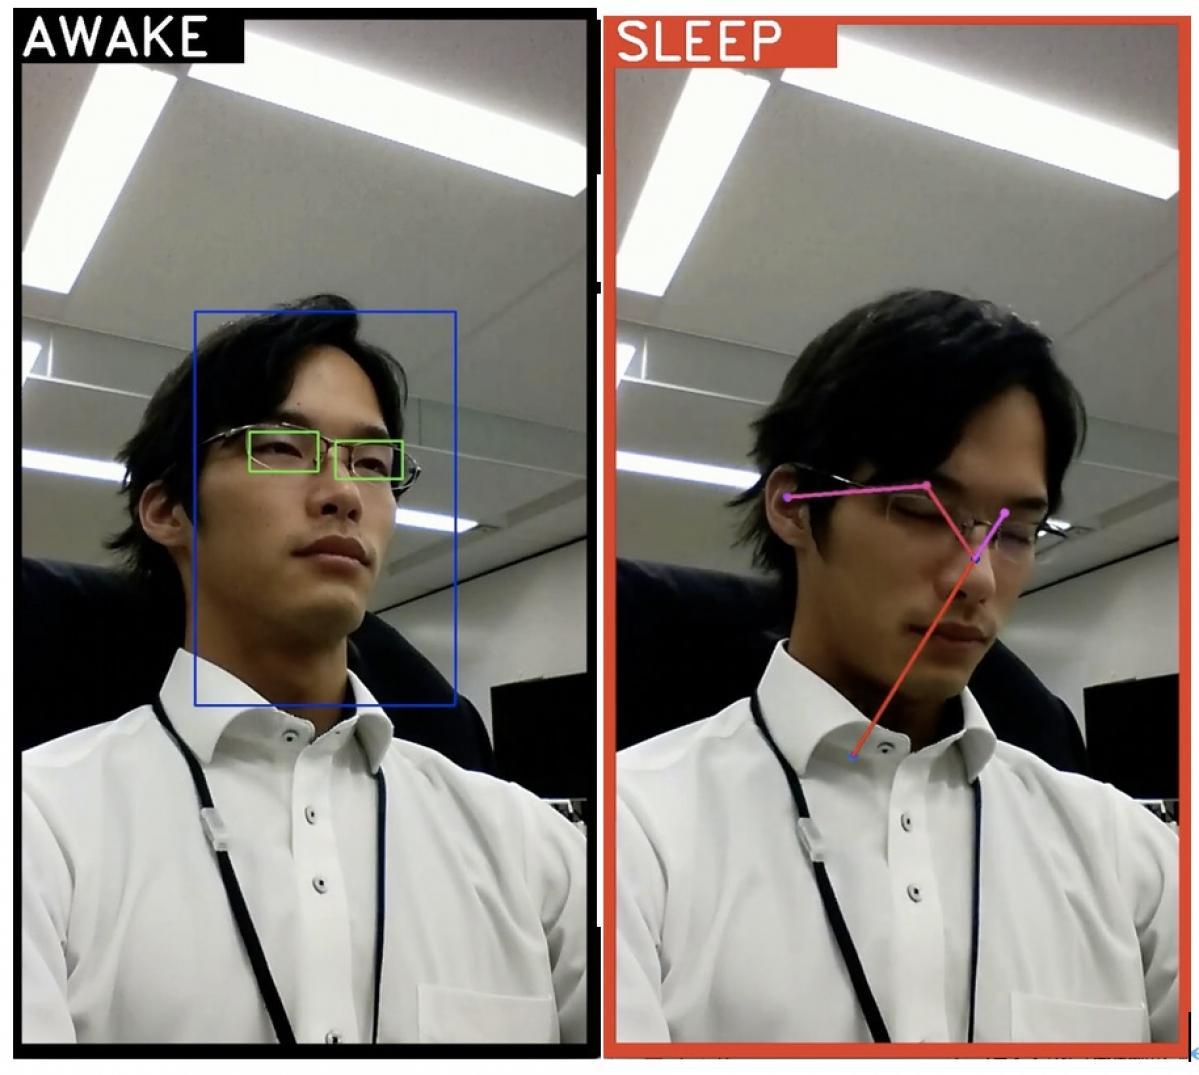 Automagi:映像から運転中の居眠りを検知するNTTドコモのAIシステムの開発を支援